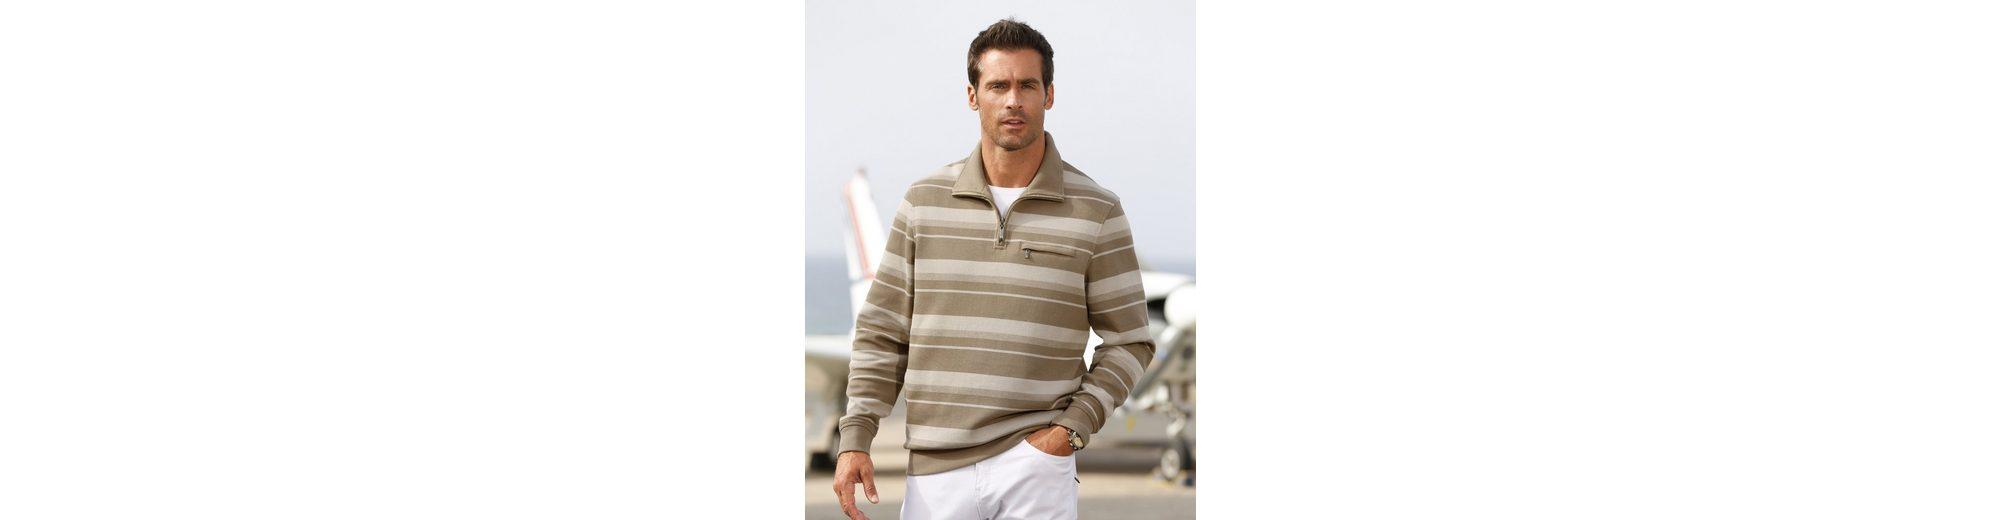 Rabatt Mit Mastercard Manchester Roger Kent Sweatshirt in garngefärbtem Streifenmuster e40HkkYE